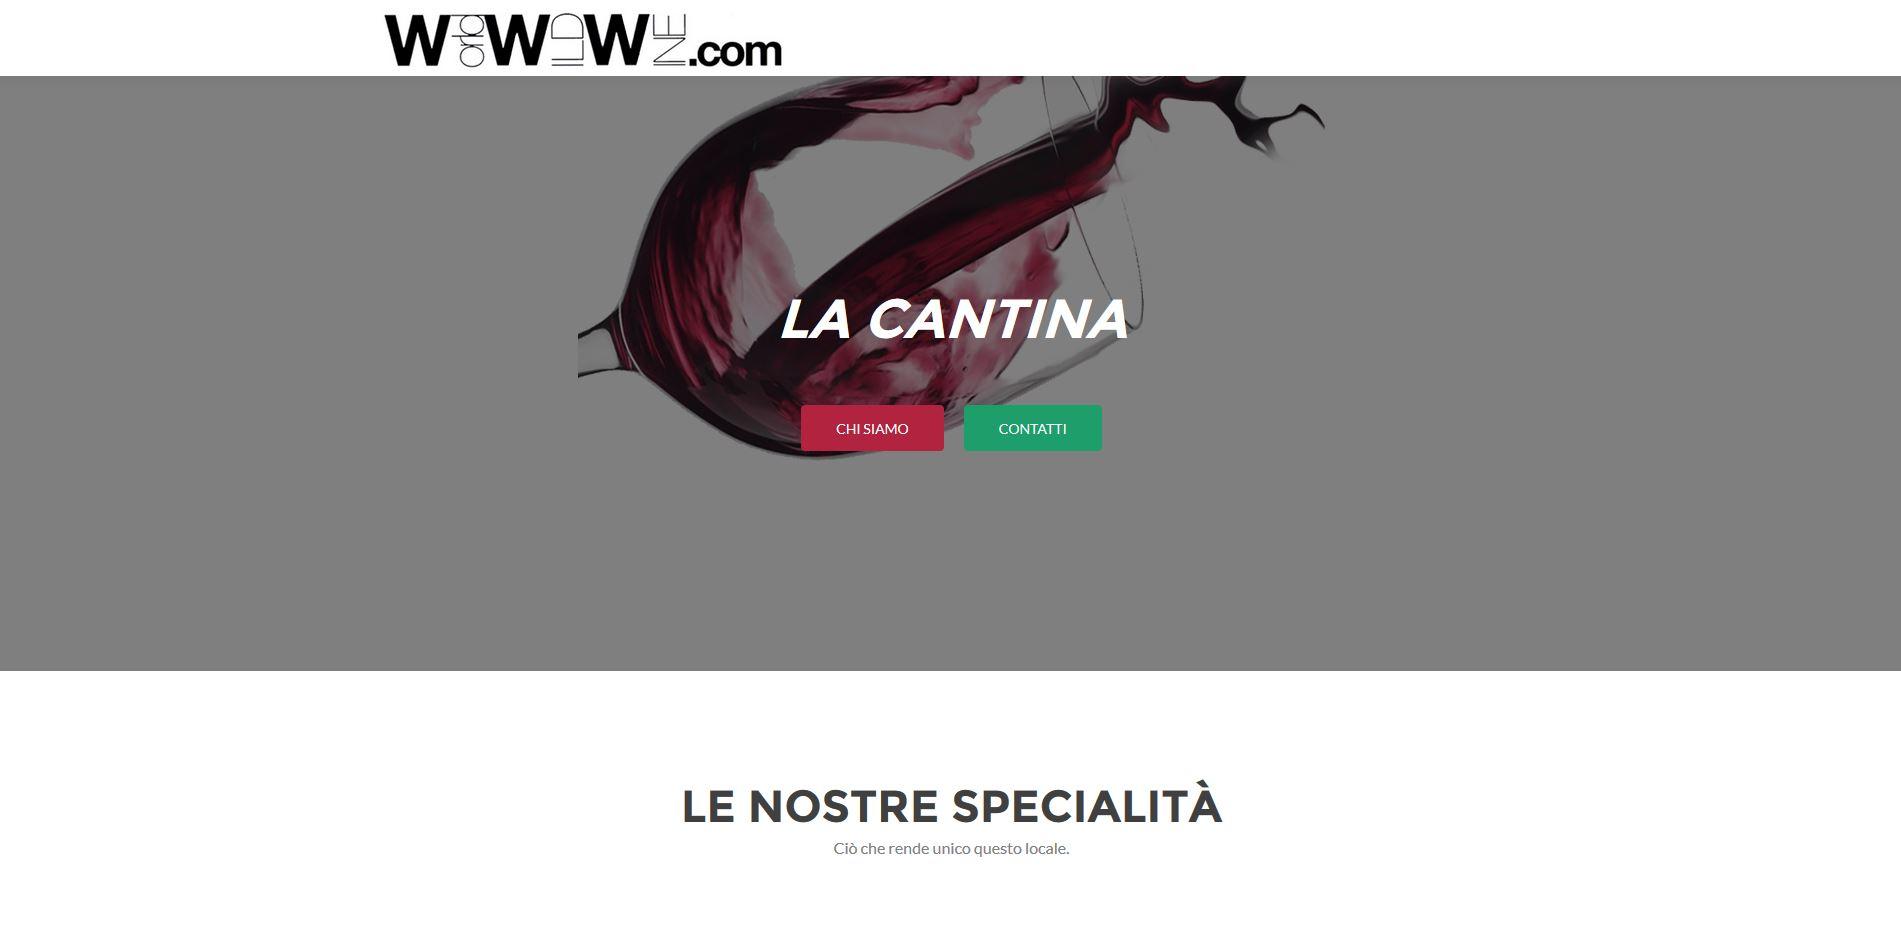 World Wild Wine